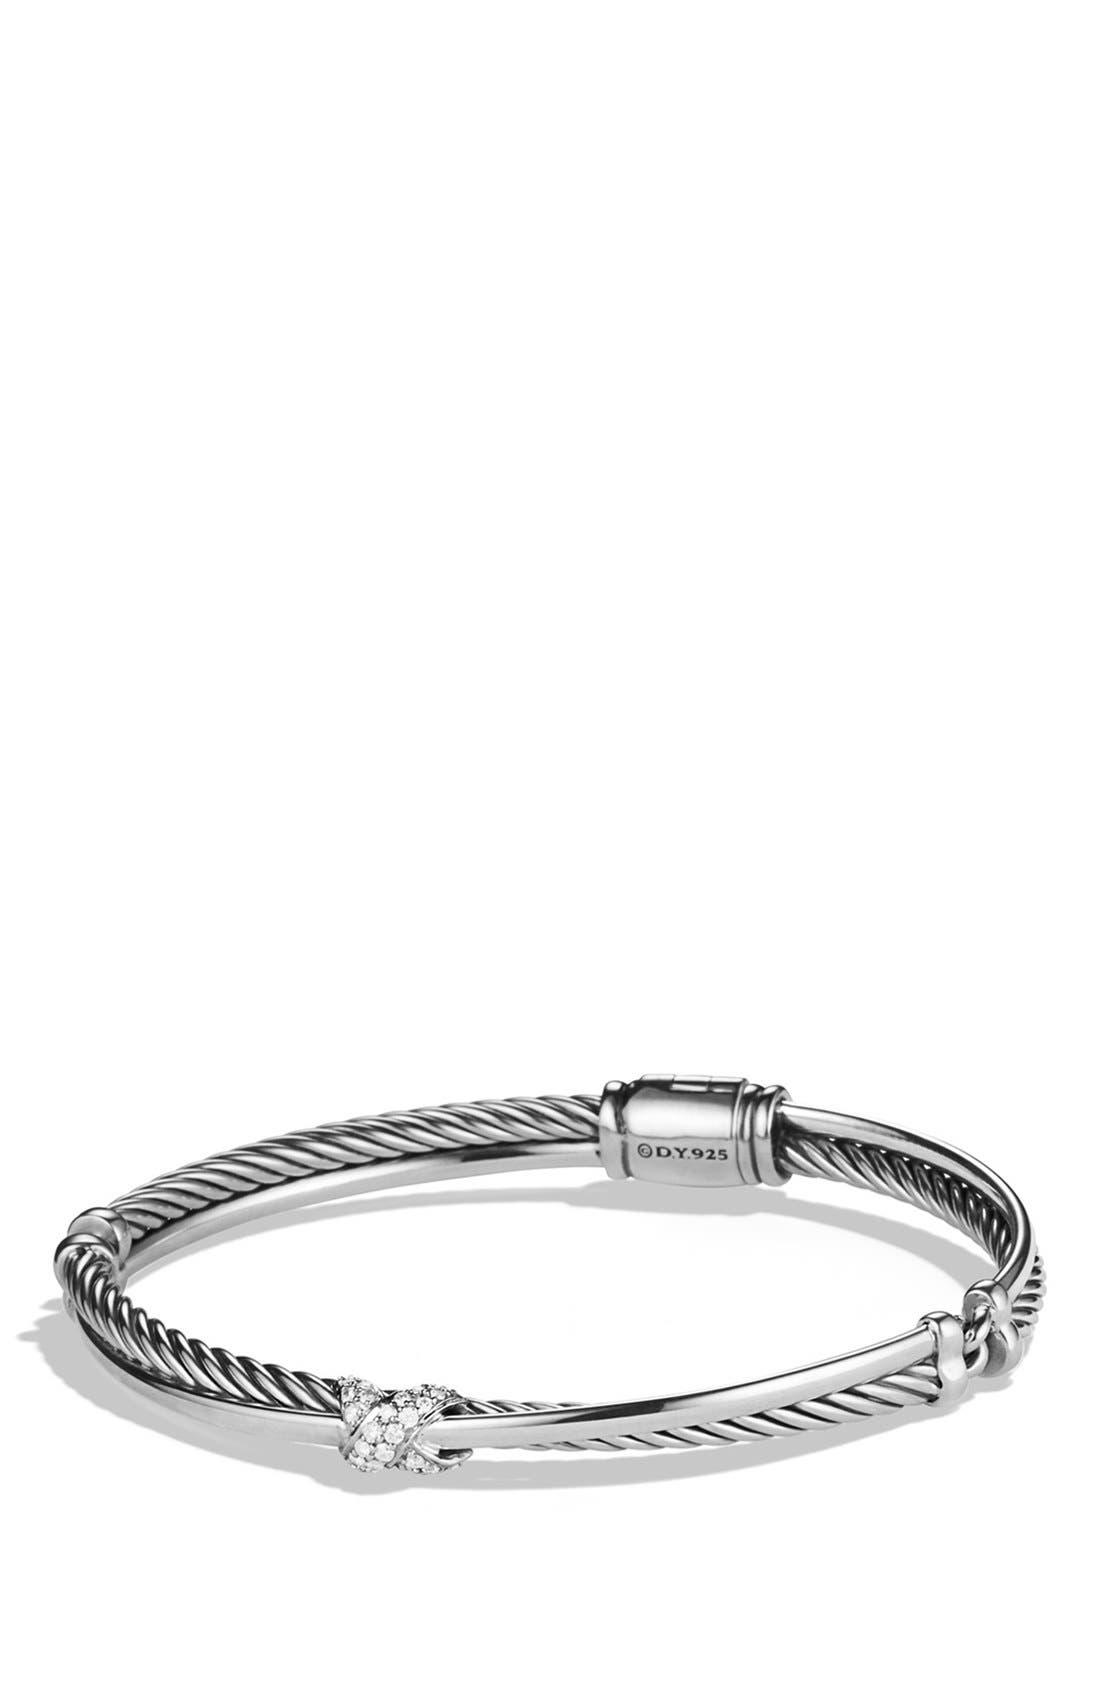 Main Image - David Yurman Petite 'X' Crossover Bracelet with Diamonds